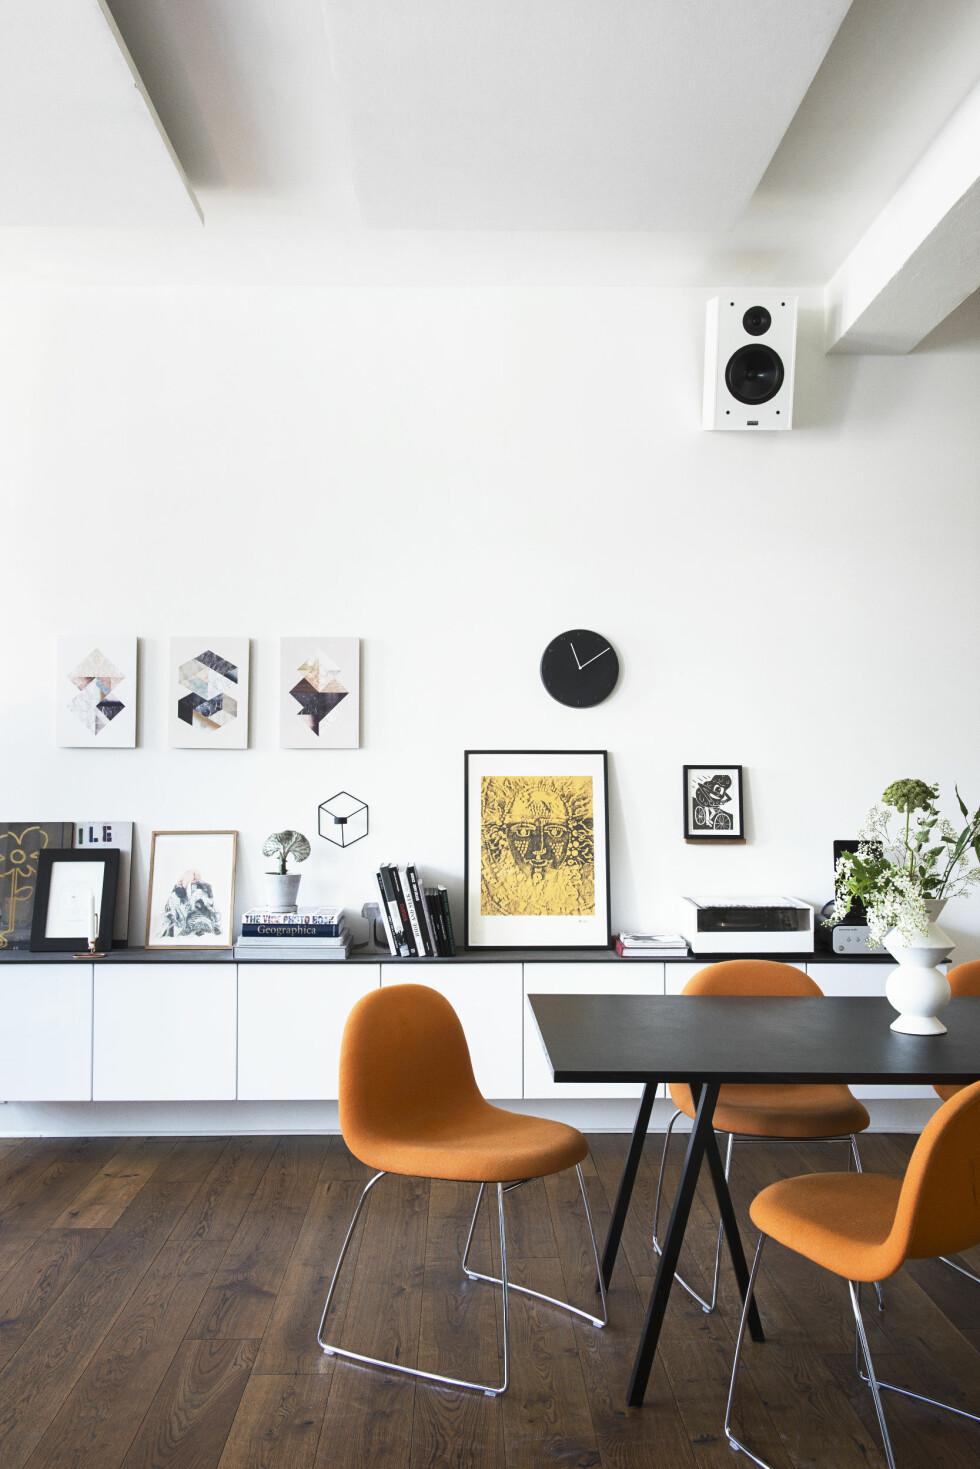 <strong>FARGEKLATTER:</strong> Gubistolene blir sammen med grønne planter som energiske fargeklatter i det moderne, nøytrale interiøret. Foto: Gyrithe Lemche